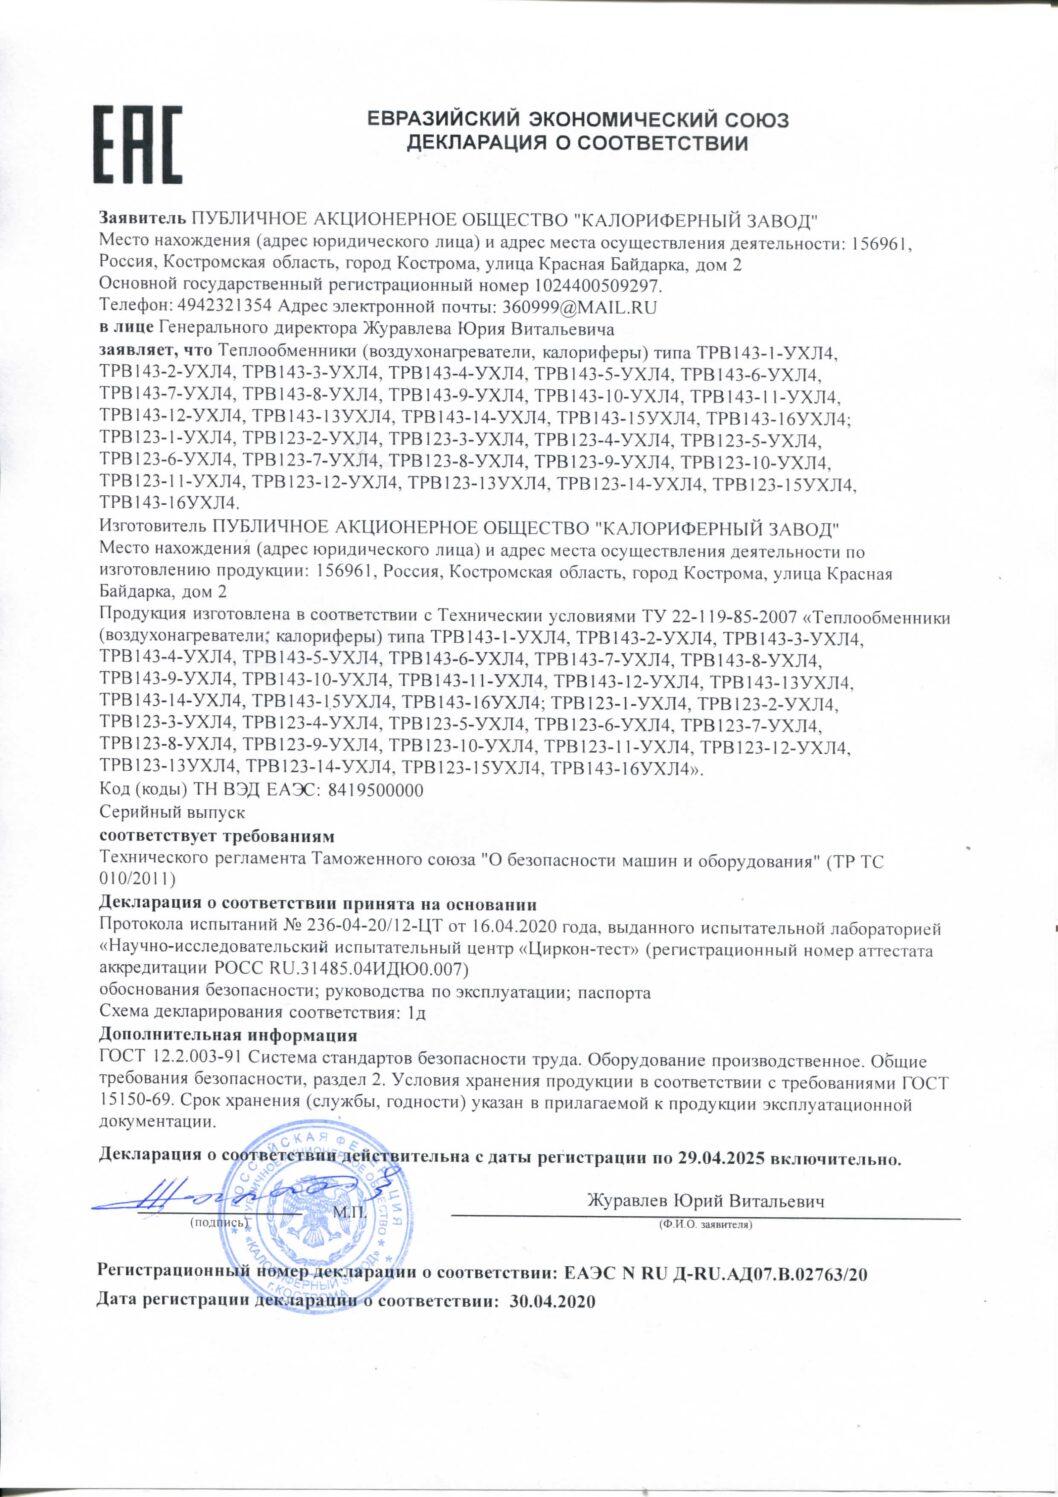 Декларация соотвествия ТРВ